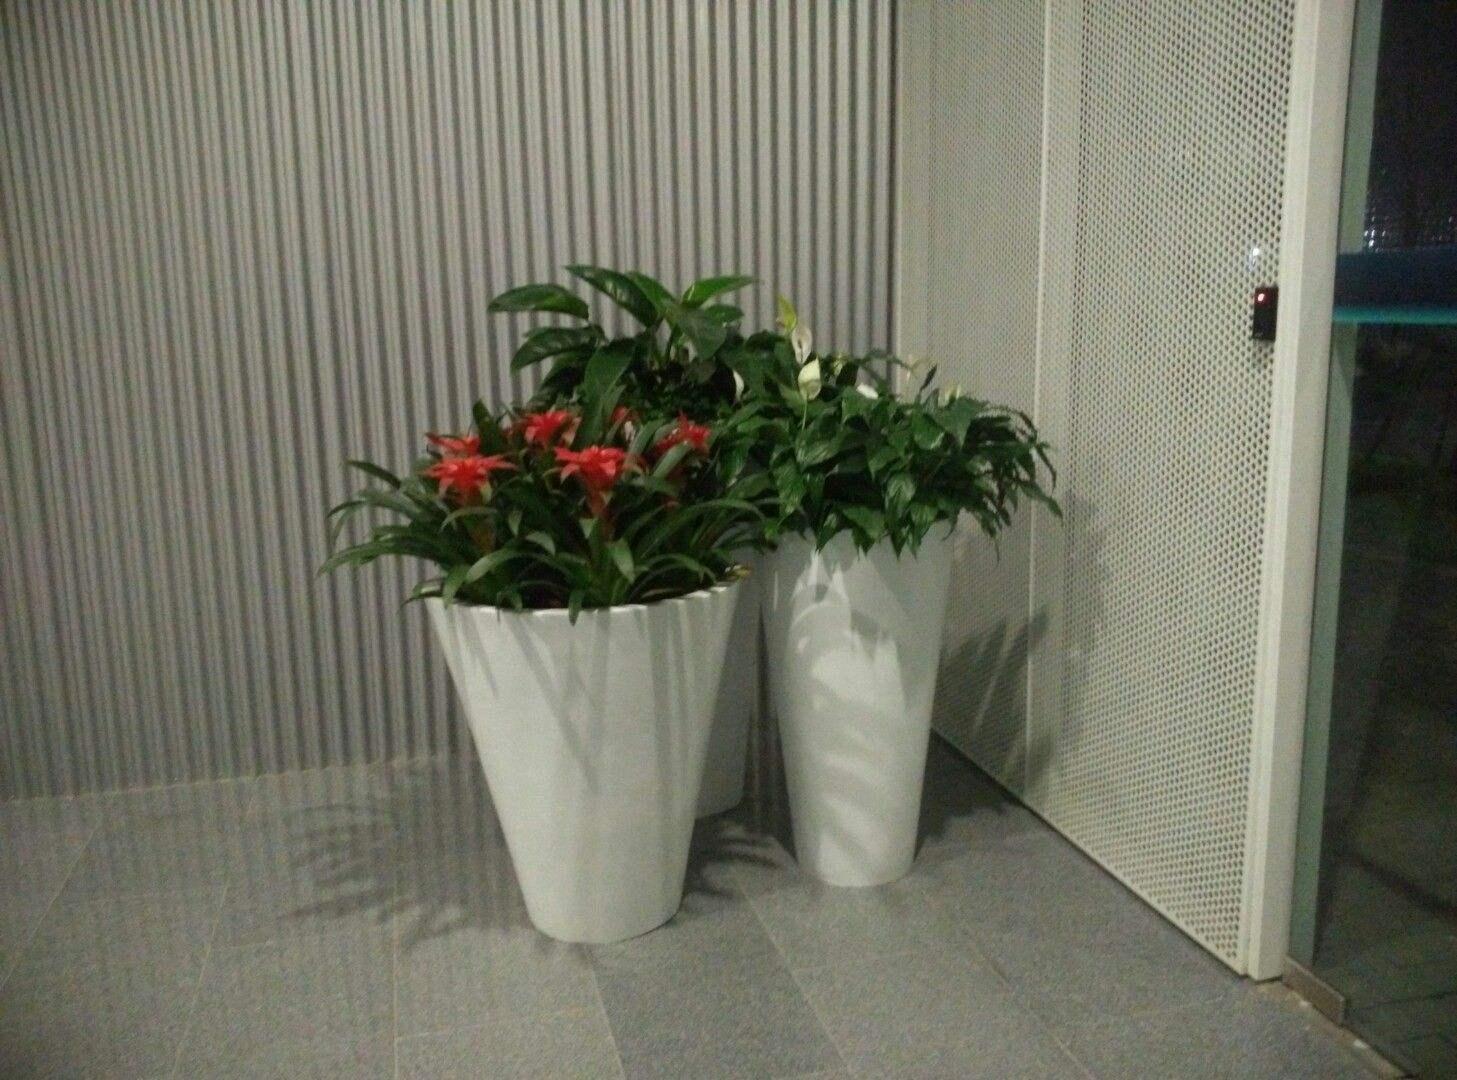 花卉产业调查:租摆不买花 鲜花租摆渐成时尚